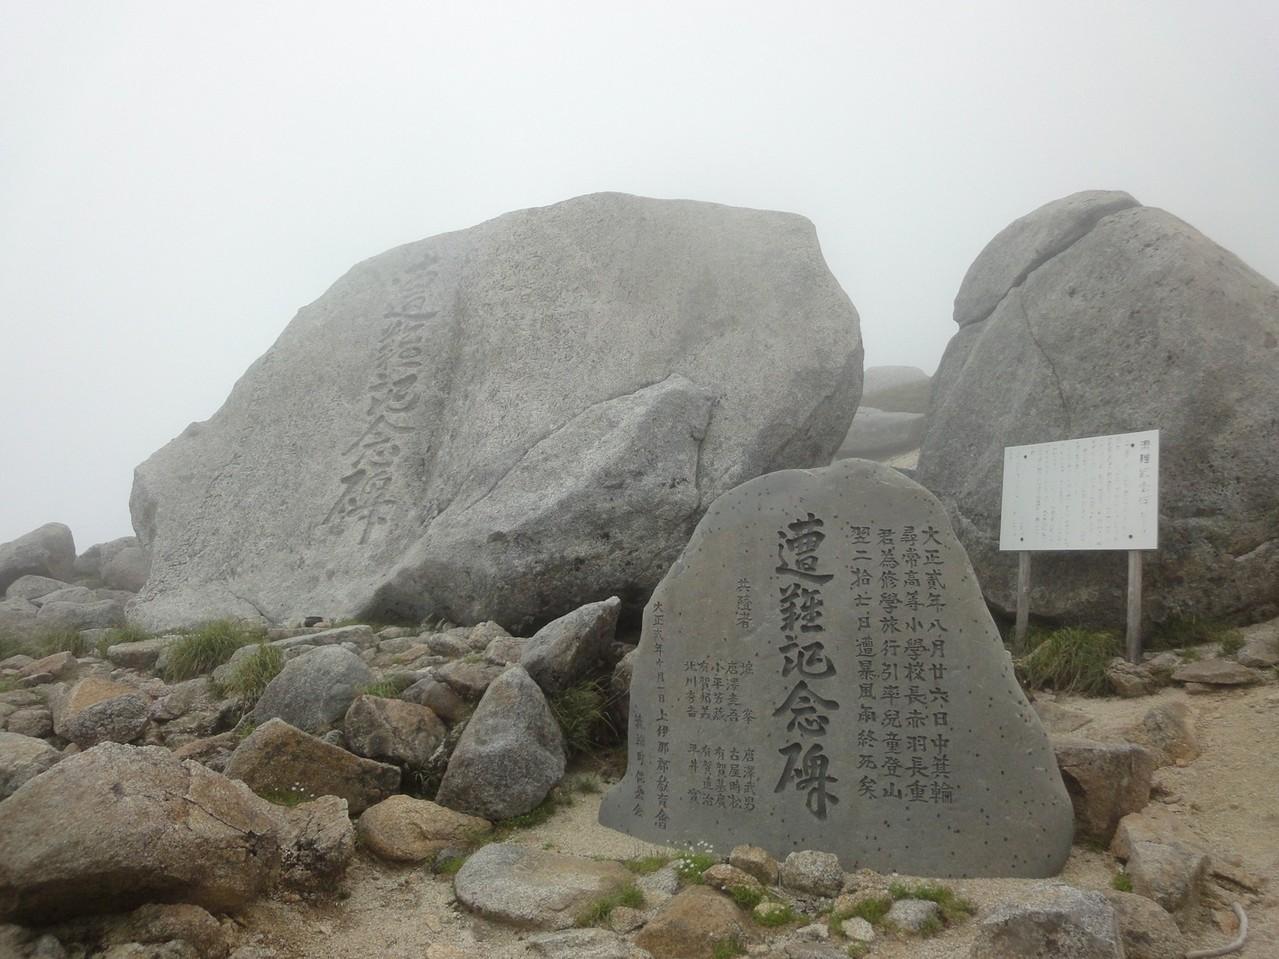 遭難記念碑『聖職の碑』 私達も、風雨が強くなる前にテン場につかなければ。